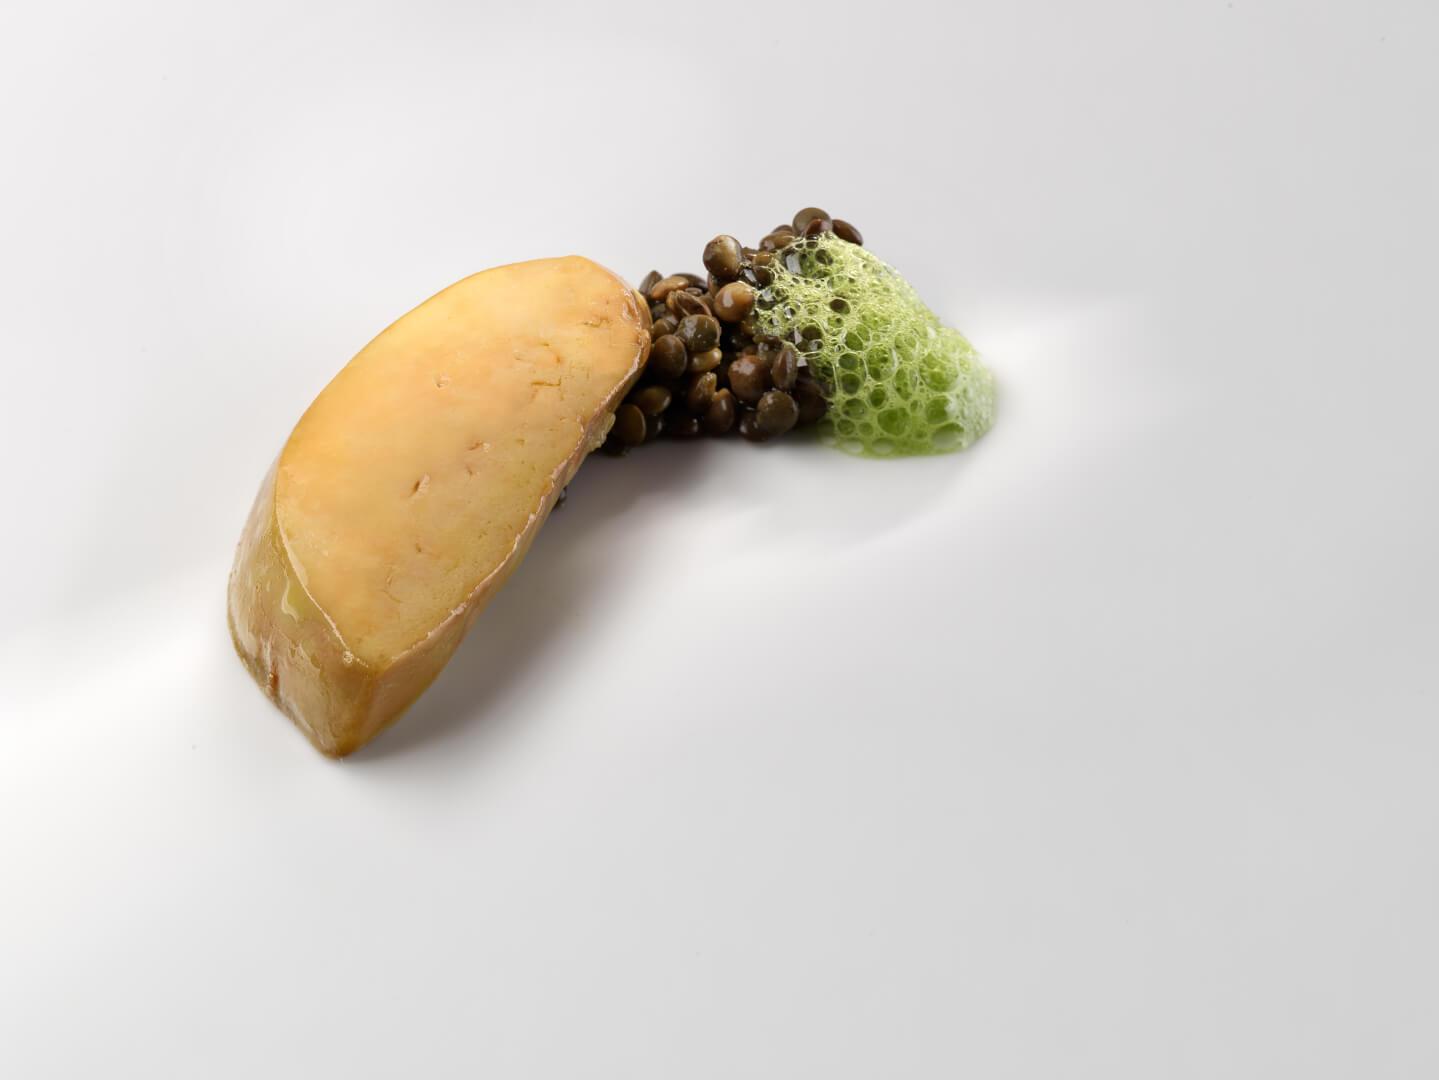 Foie, lenteja verdina y acelga (Foto: José Luis López de Zubiria)